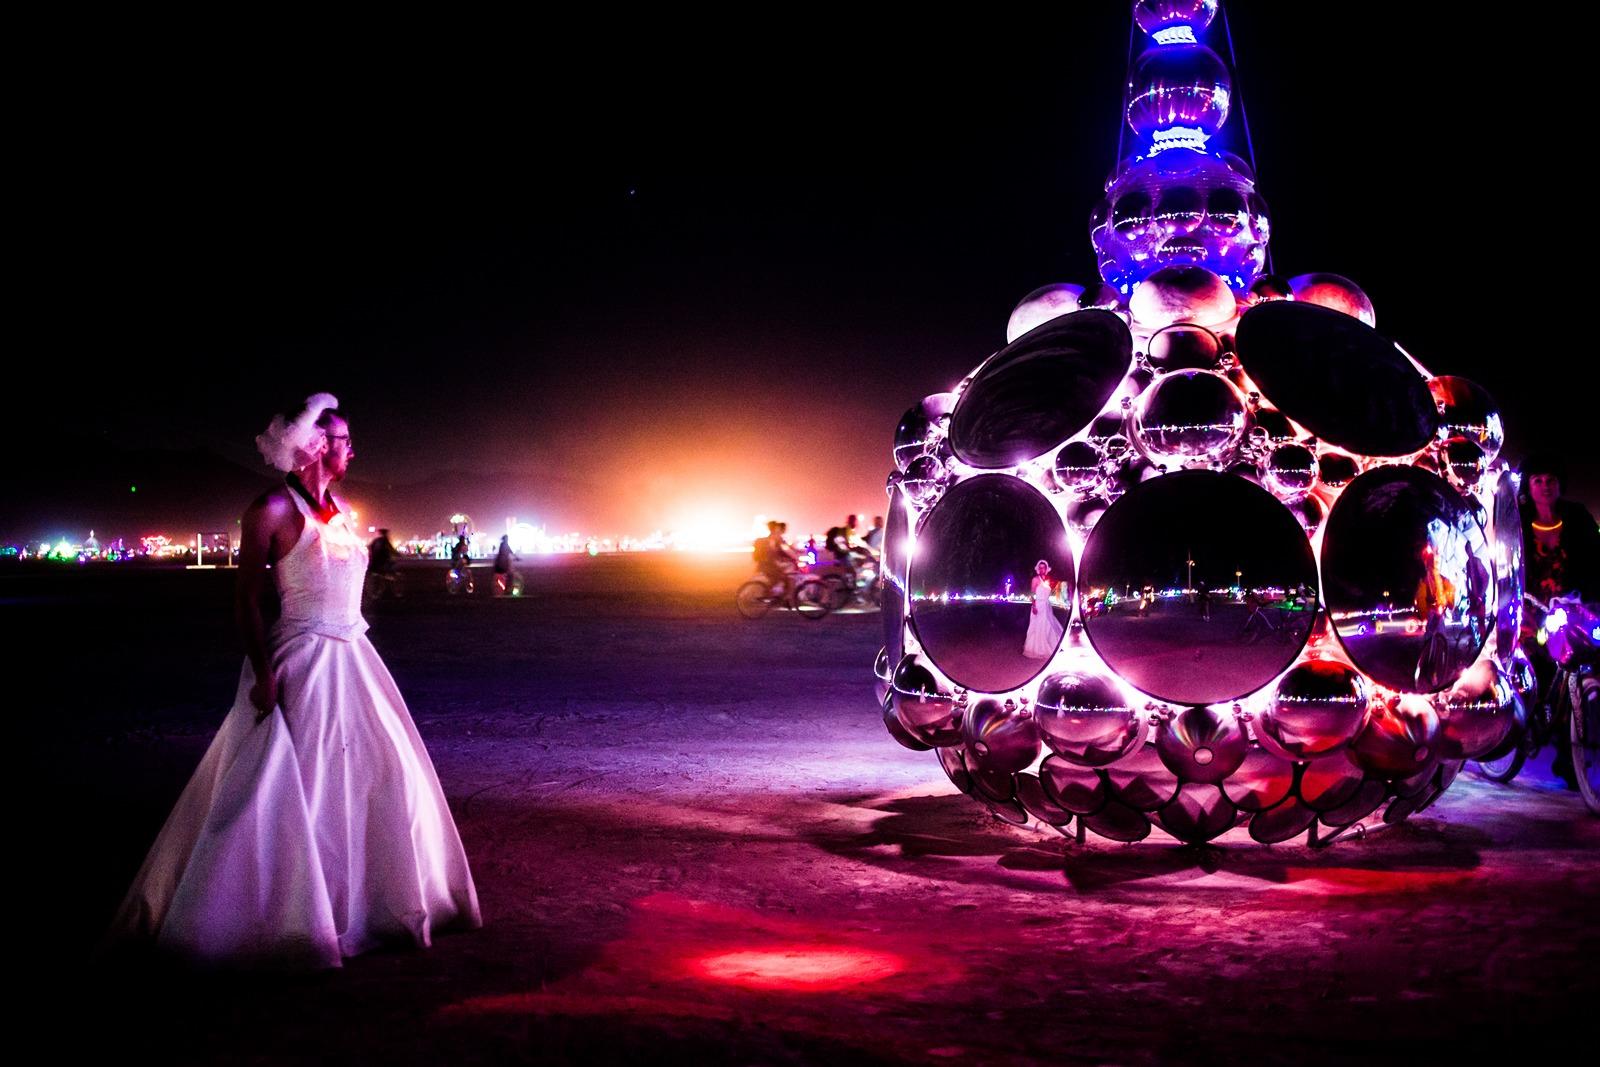 Burning Man - Marilyn